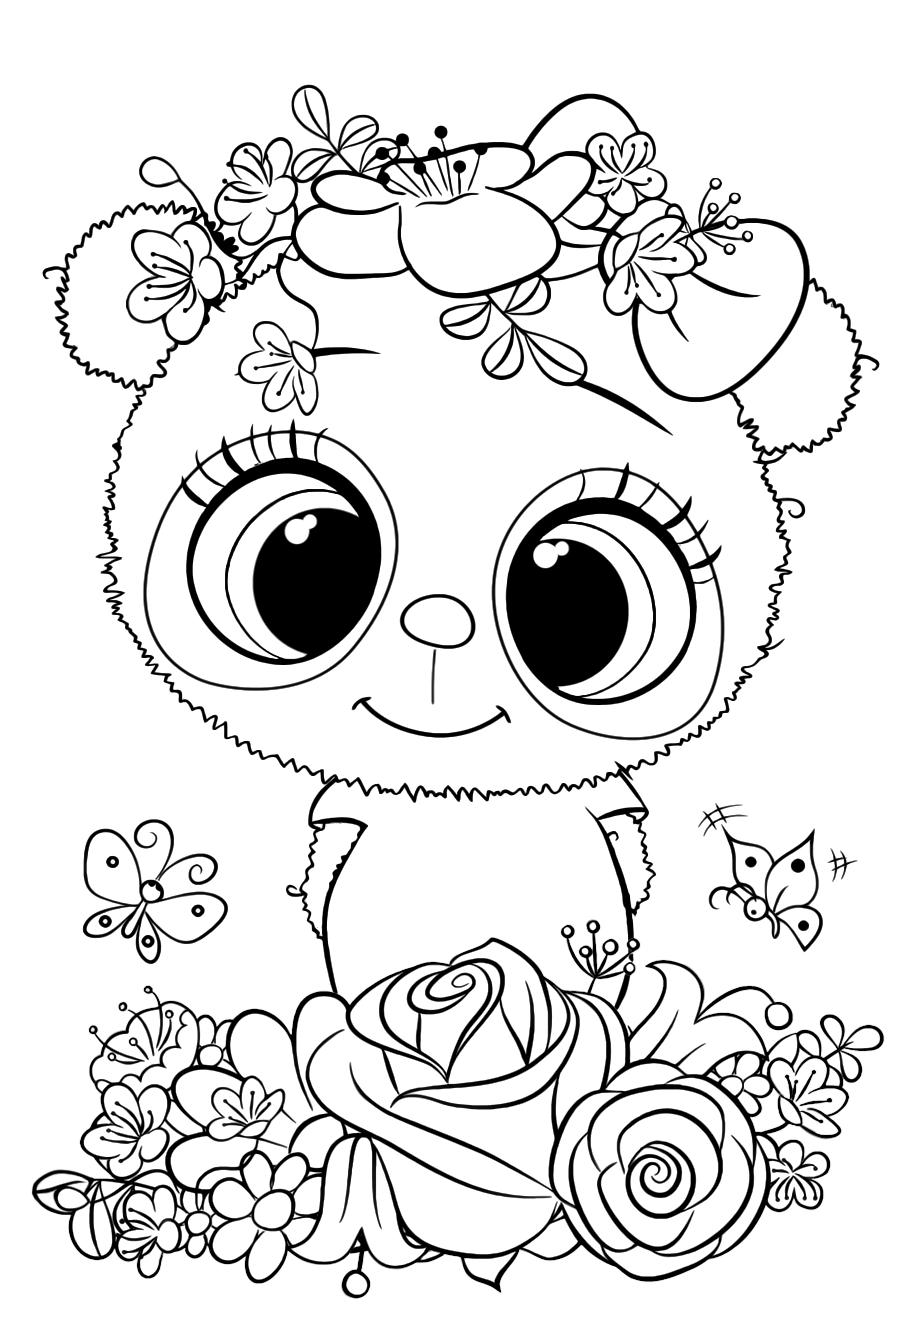 раскраска панда милая распечатать вечер будет